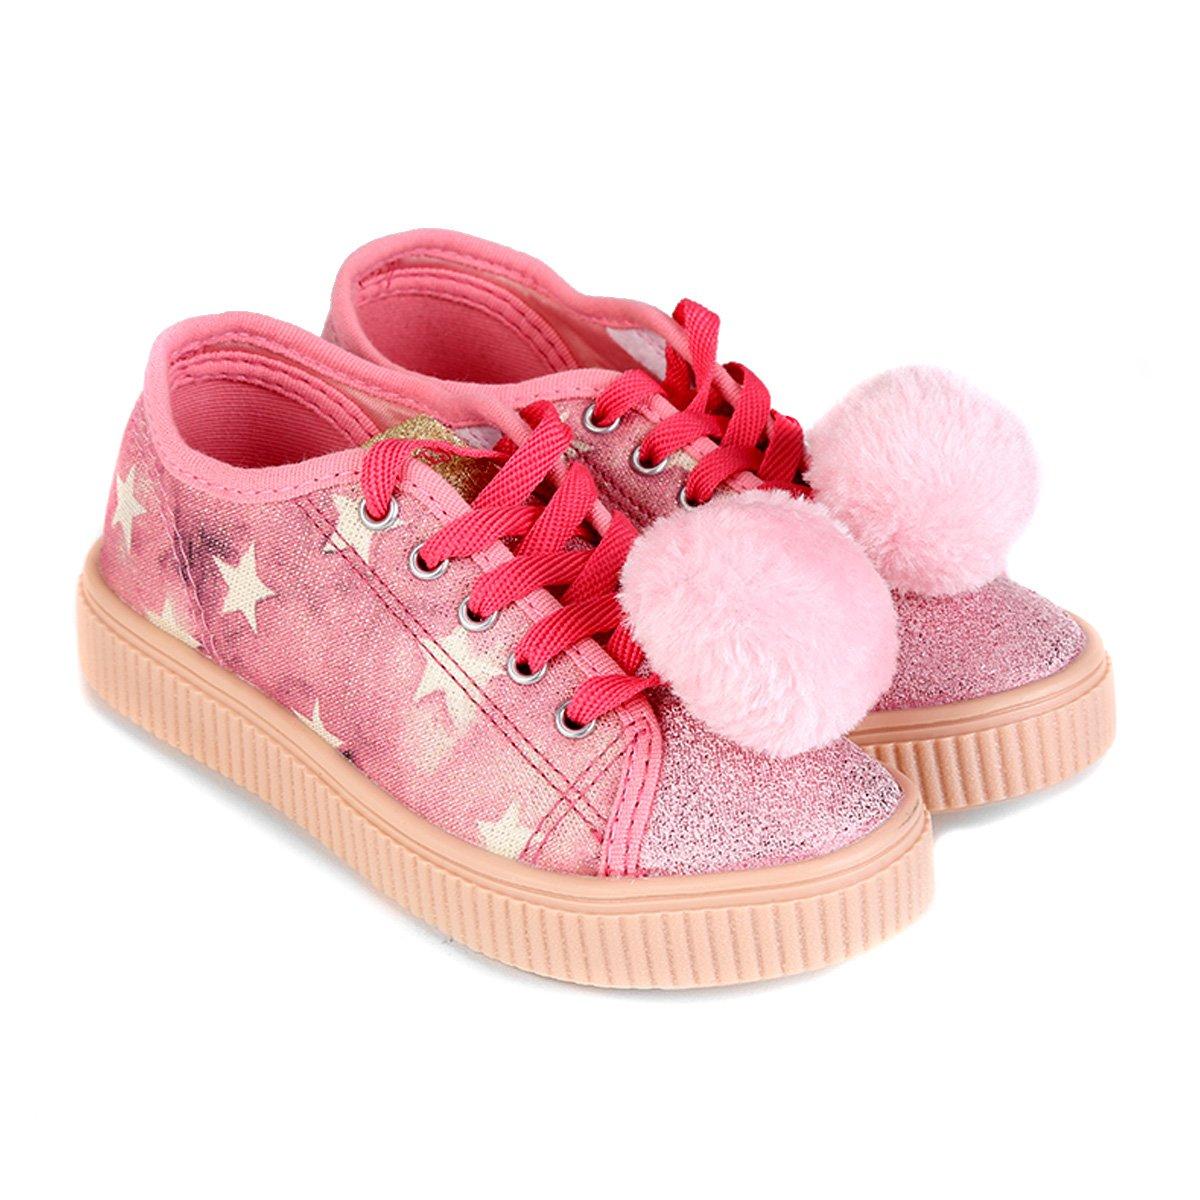 Tênis Infantil Diversão Fashion Princesas Feminino - Rosa - Compre Agora  11454296246